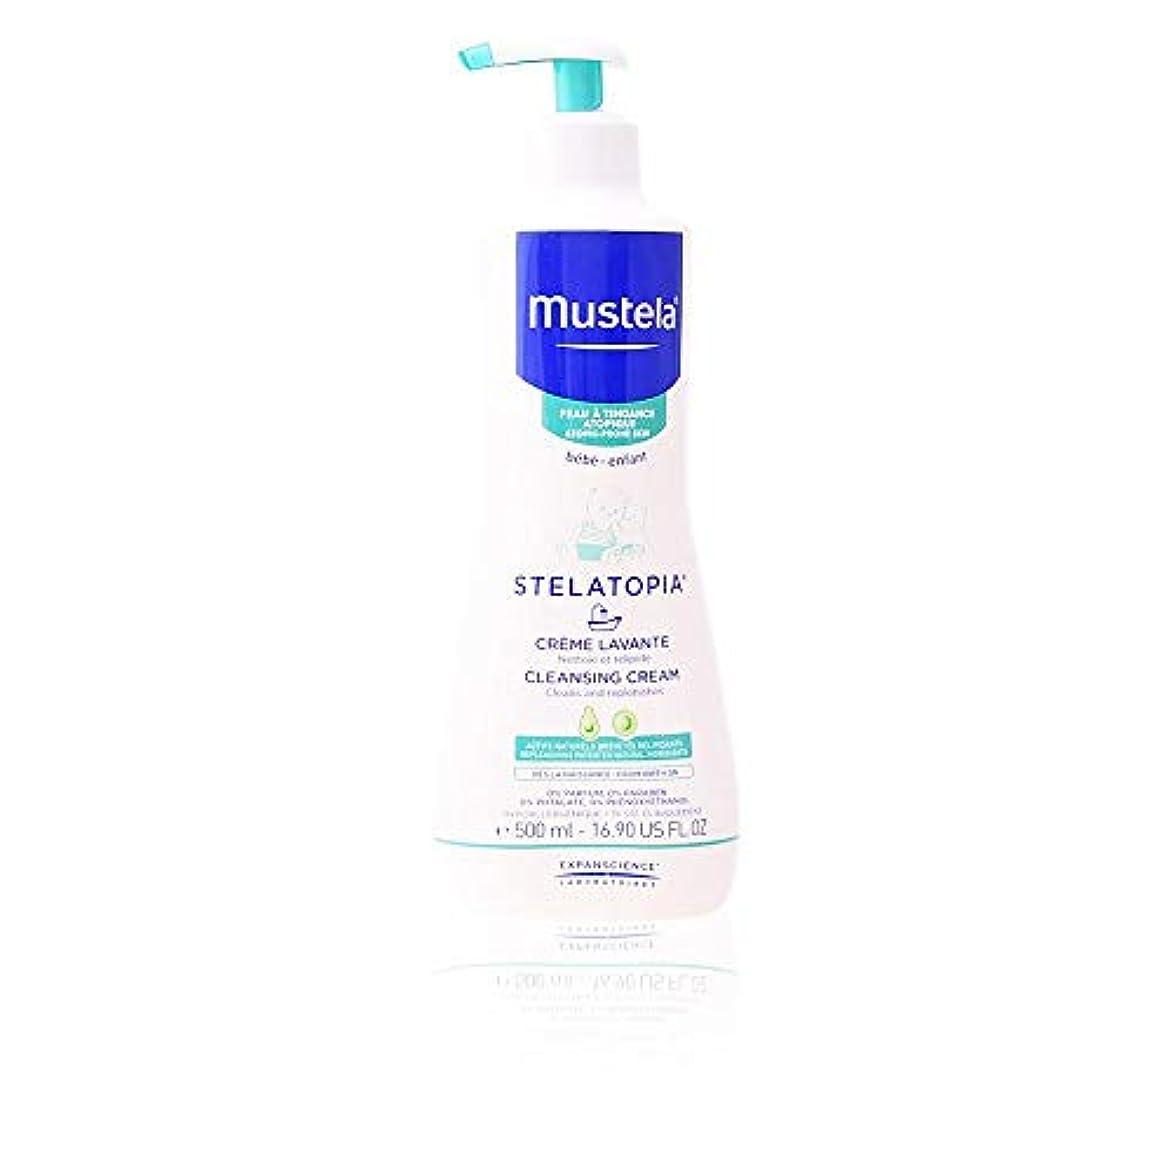 箱魔女恐れムステラ Stelatopia Cleansing Cream - For Atopic-Prone Skin 500ml/16.9oz並行輸入品